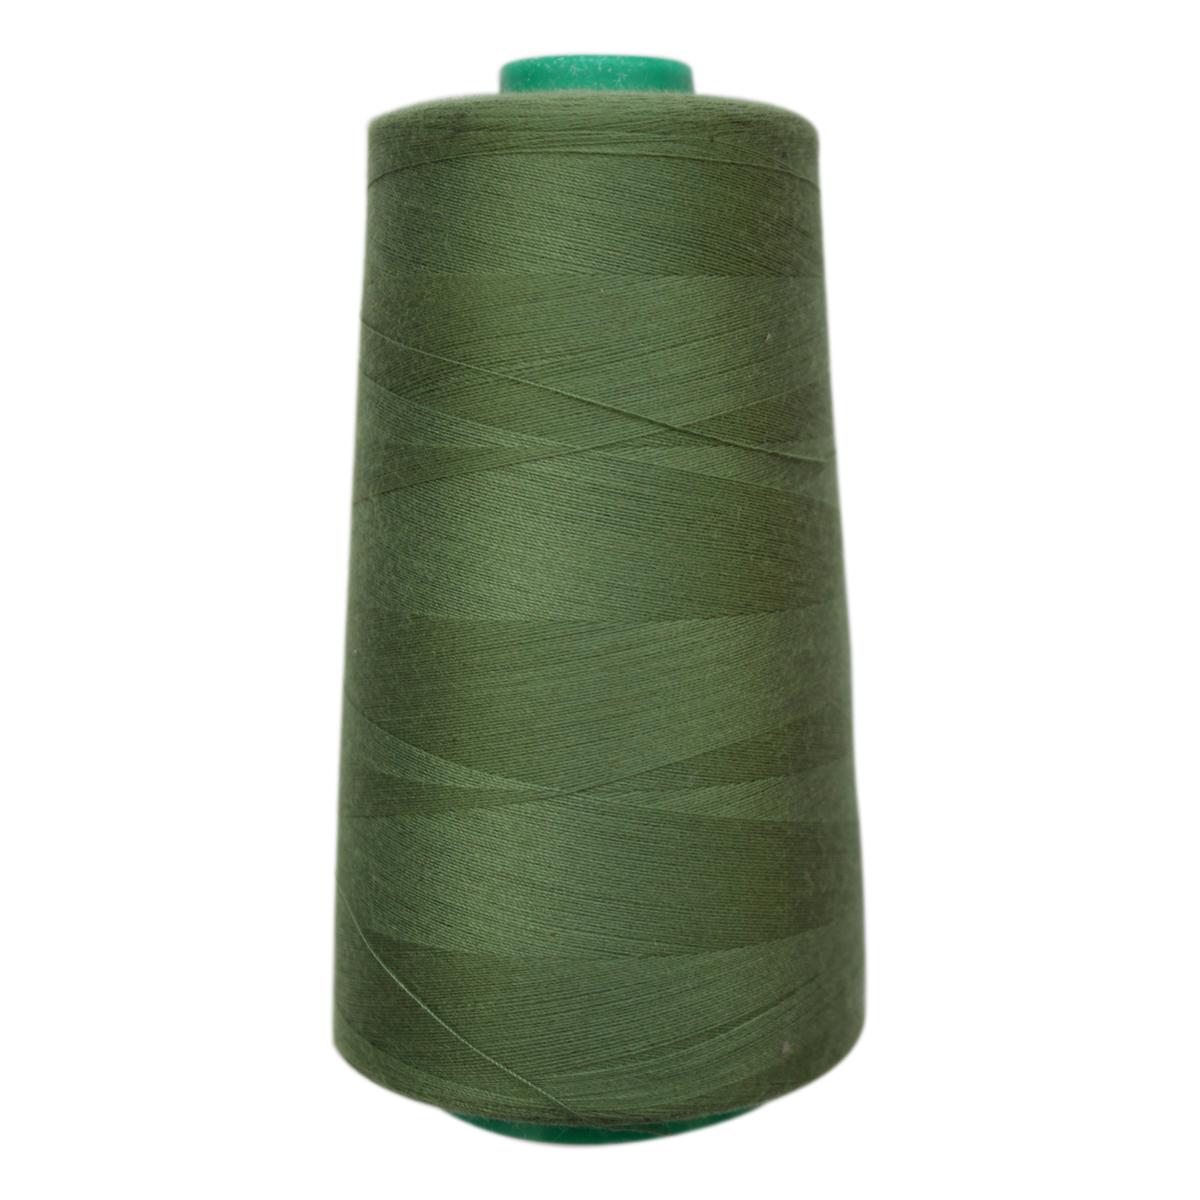 Нитки для шитья Bestex 50/2, 5000 ярд, цвет: св.болотный (134)7700936-134Сфера использования: трикотаж; ткани малого веса; оверлочные швы; отделка краев; вышивка. Размер игл №70-80